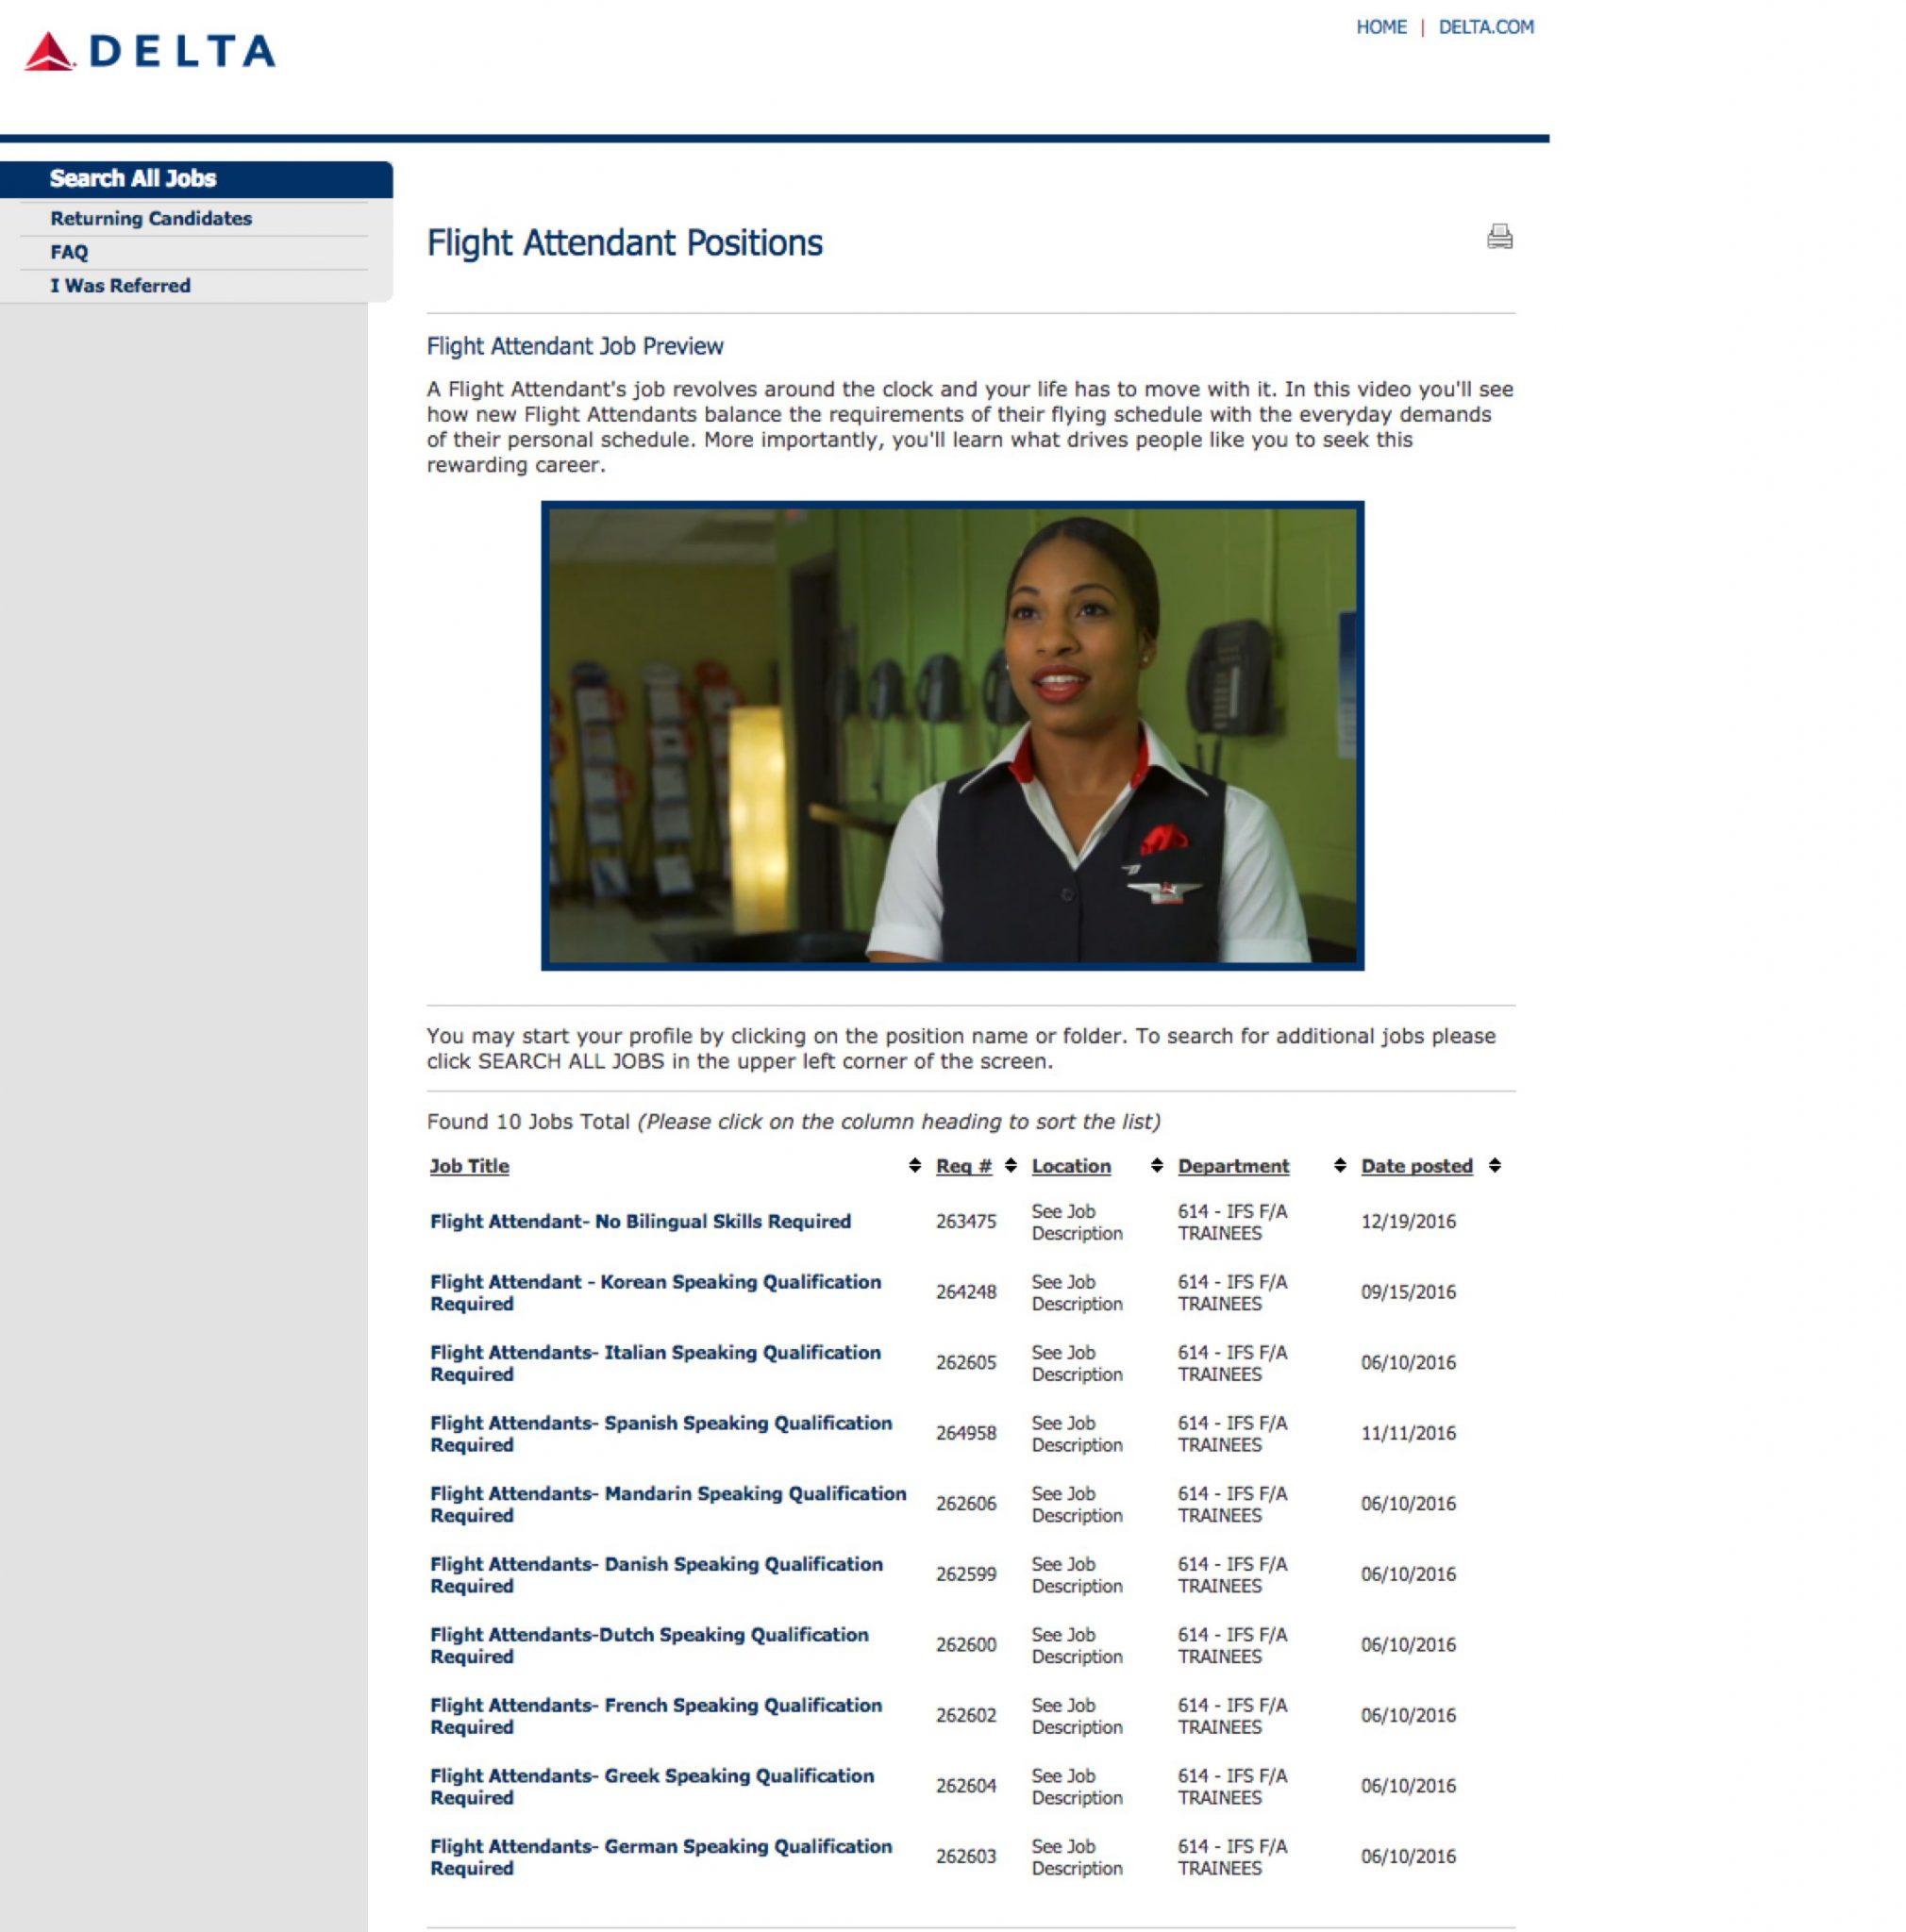 Delta Video Job Previews Flight Attendants | Ongig Blog